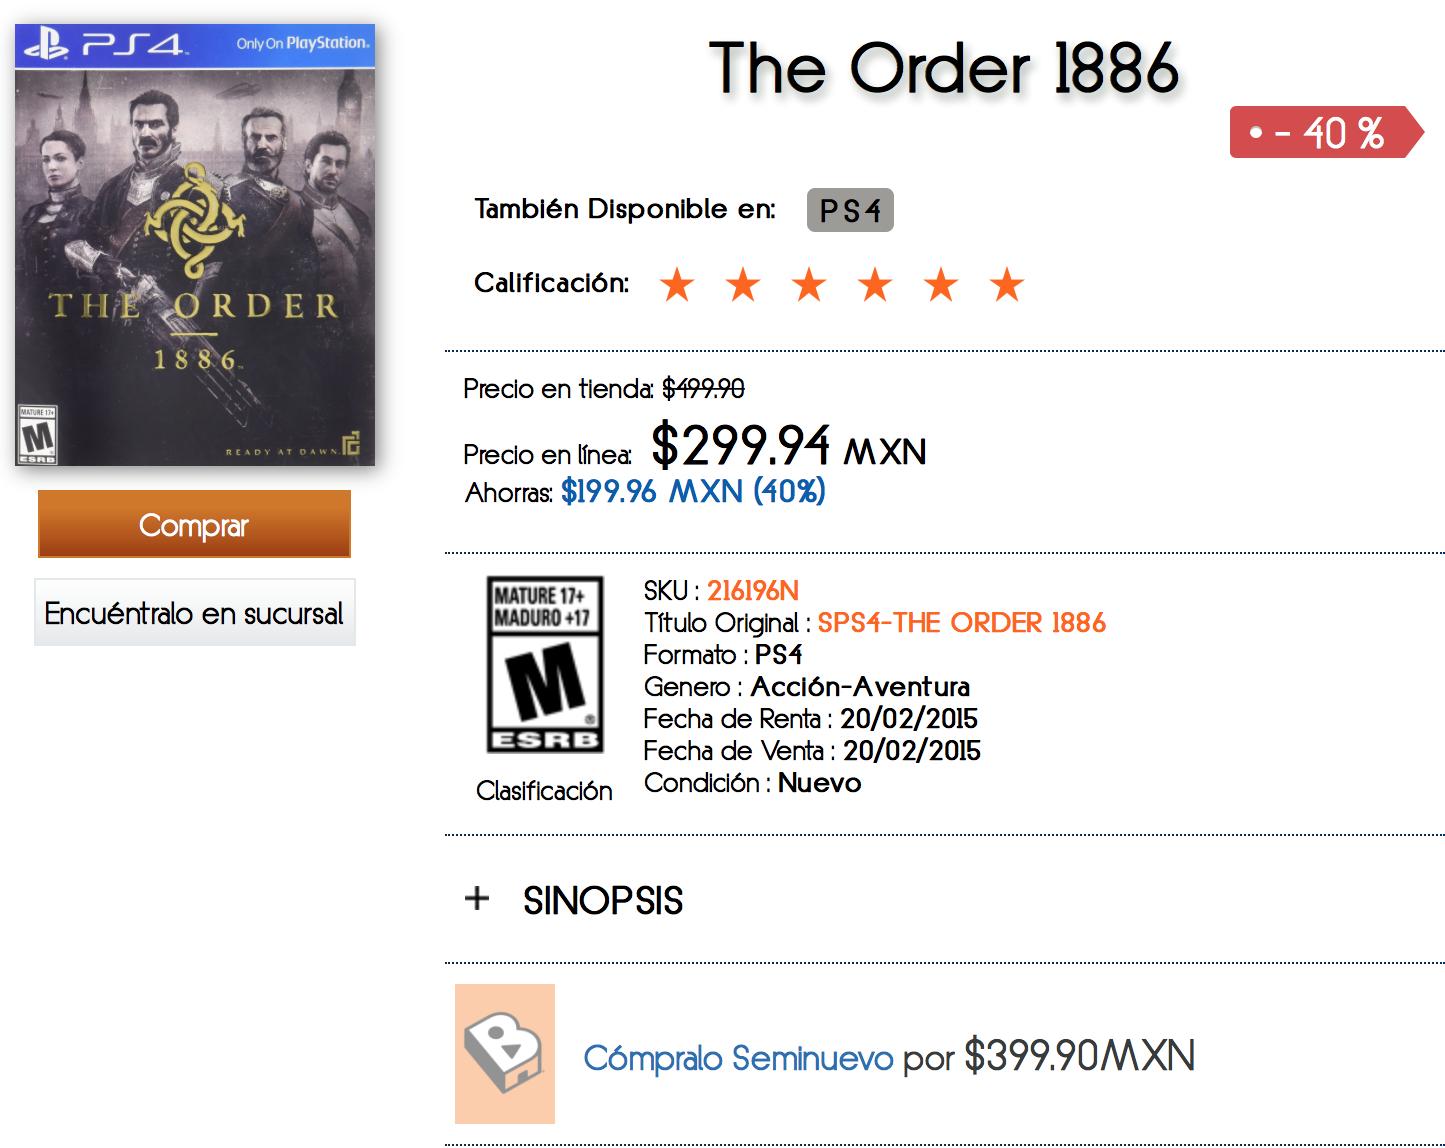 El Buen Fin en B Store (Antes Blockbuster): The Order 1886 PS4 a 299.92